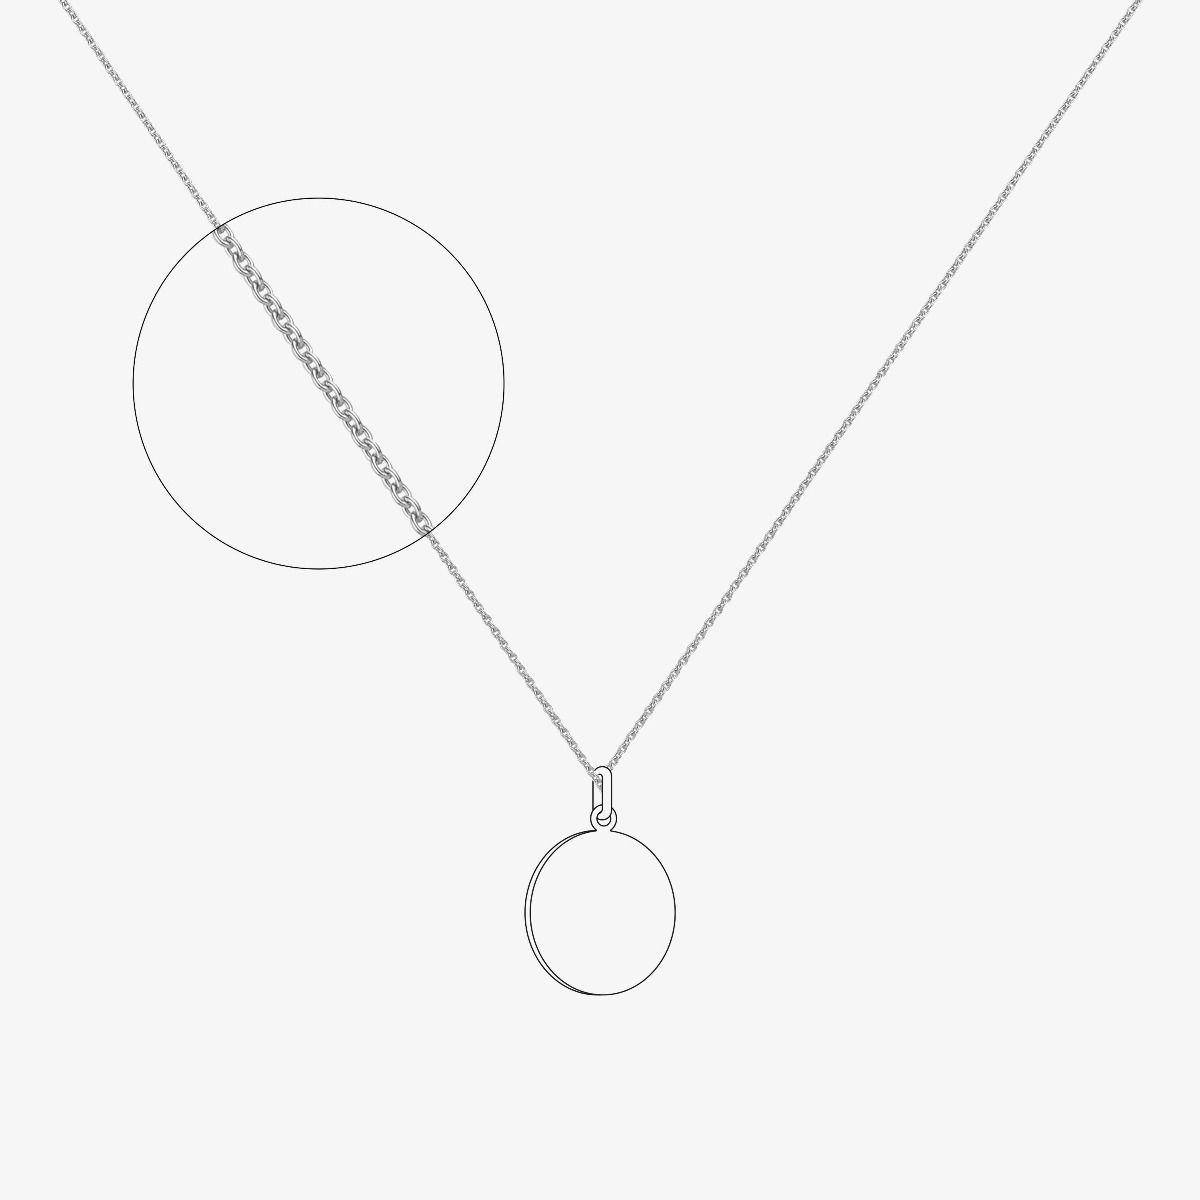 Chaîne maille forçat rond - épaisseur 1,2 mm - Or blanc 18 carats - 50 cm